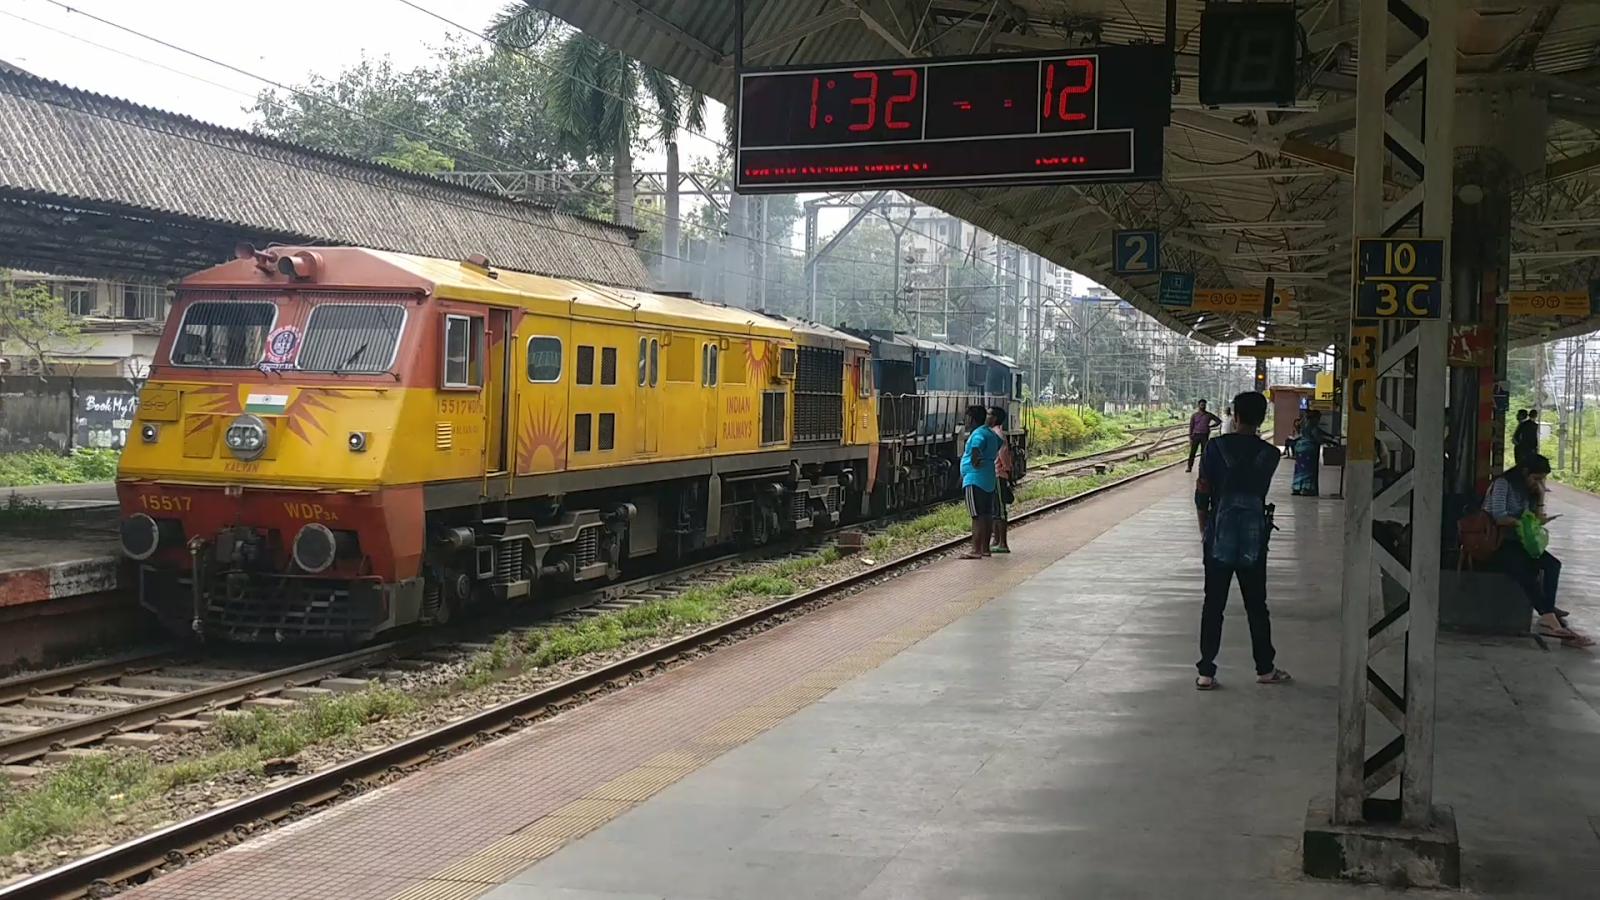 Working of a diesel/diesel electric locomotive ?